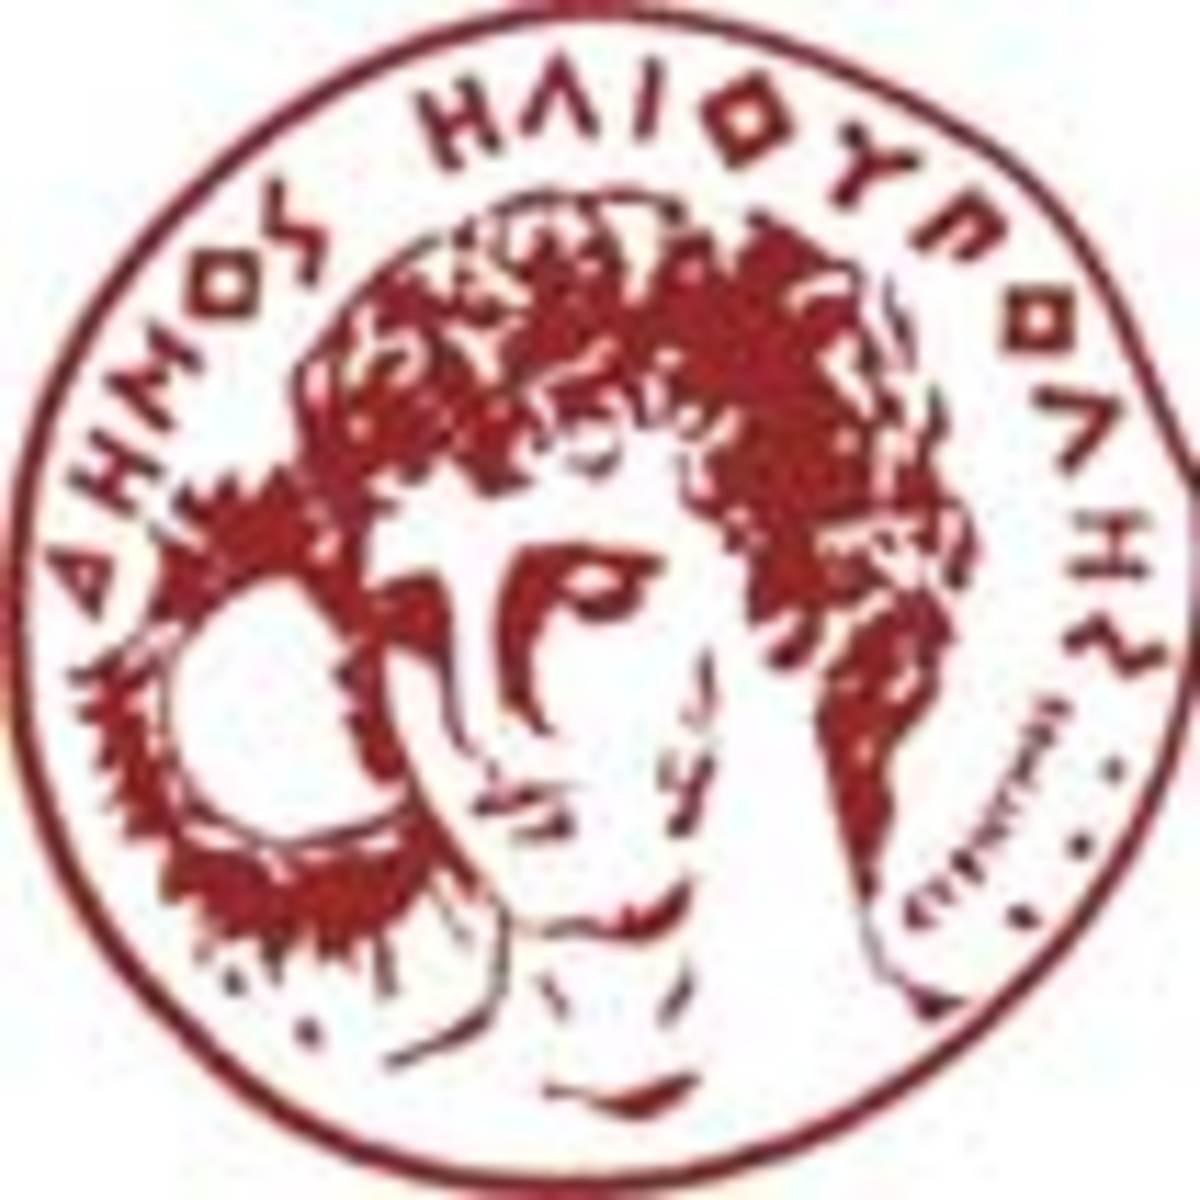 Υποτροφίες για προπτυχιακά και μεταπτυχιακά από τον Δ.Ηλιούπολης! | Newsit.gr